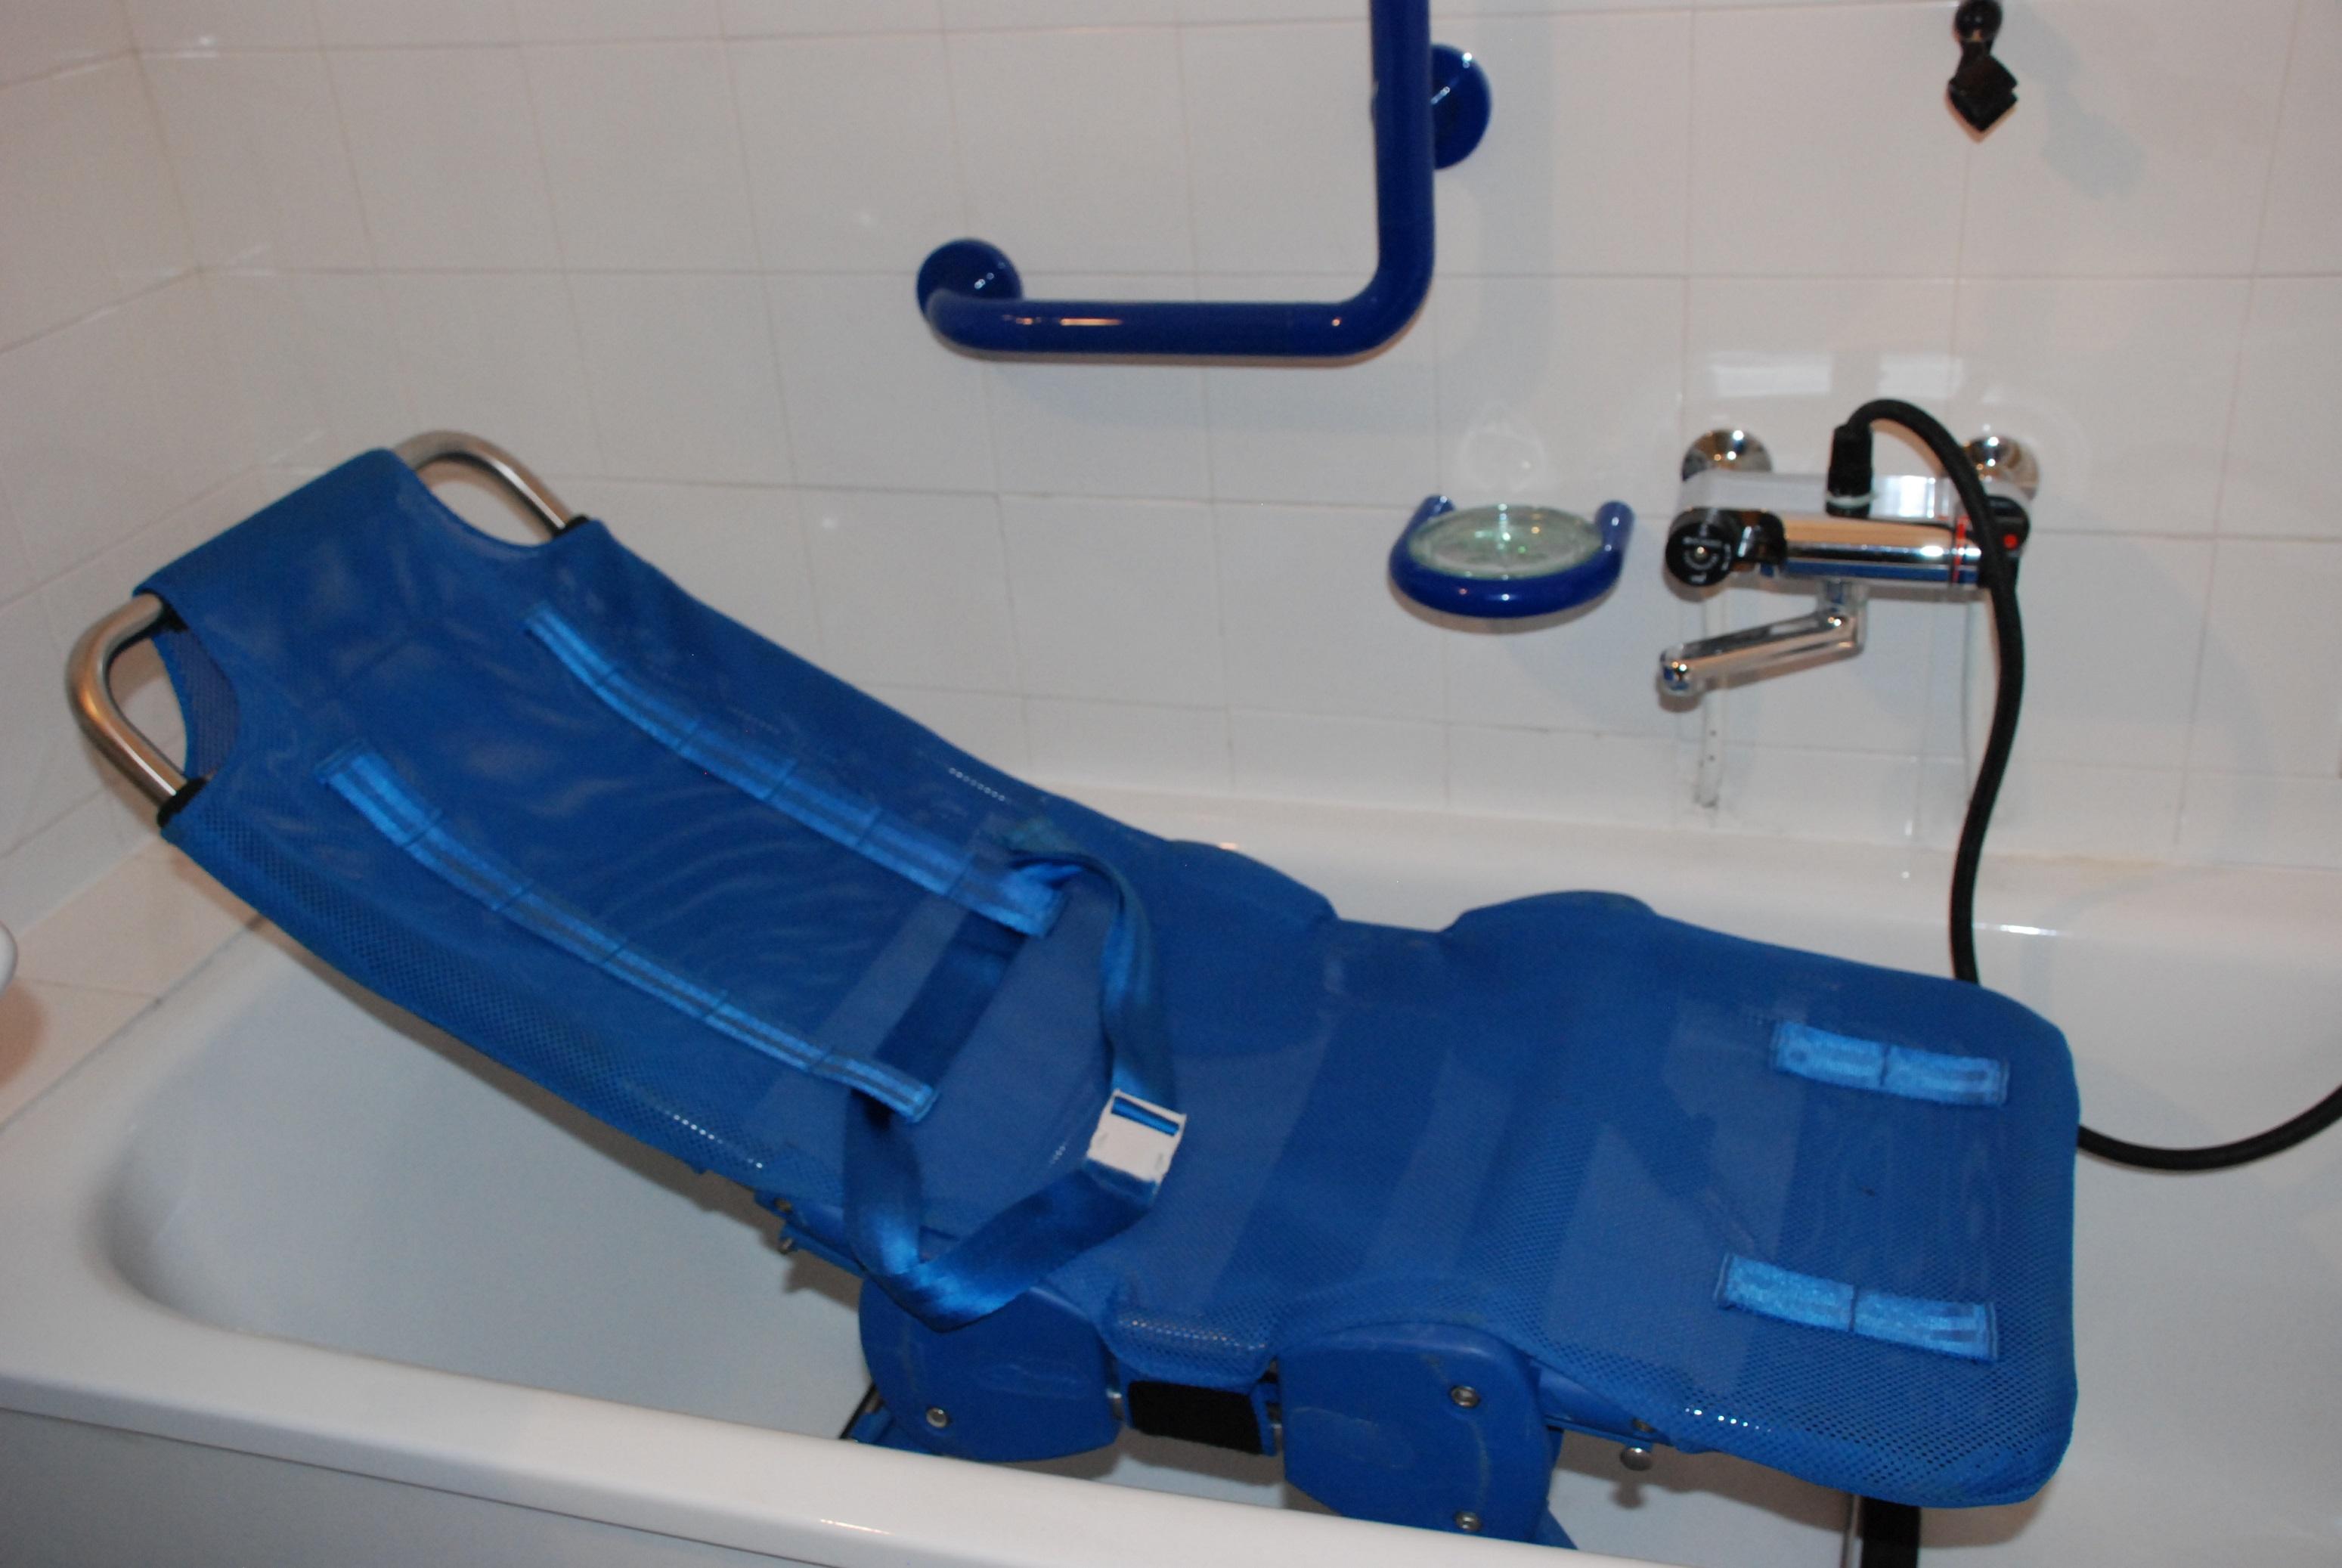 l gant transat de bain pour handicap adulte id es de. Black Bedroom Furniture Sets. Home Design Ideas